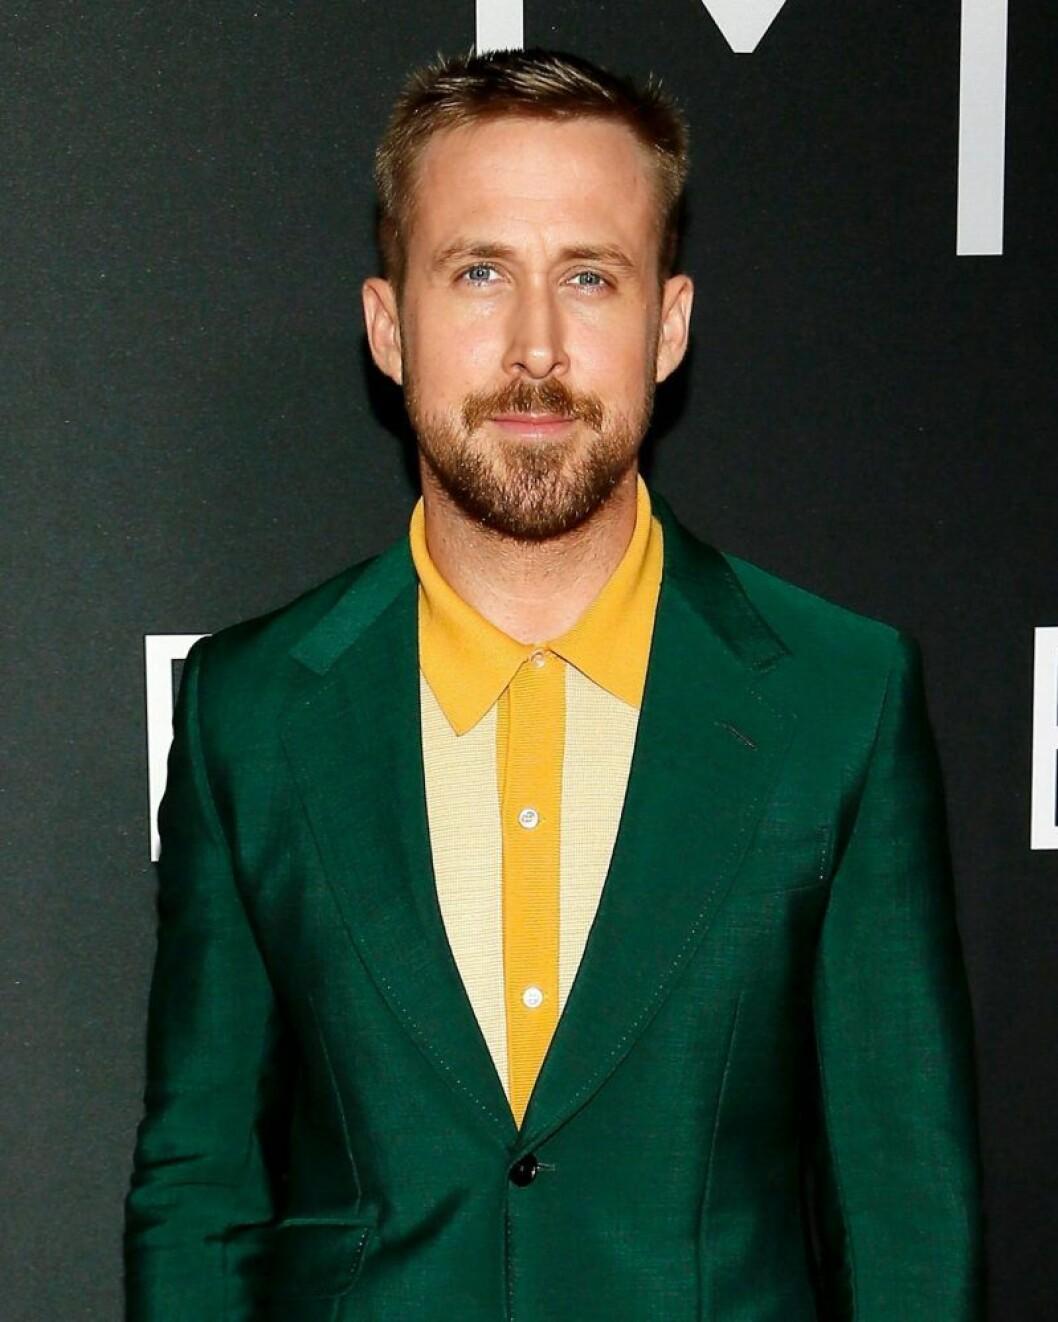 Ryan Gosling i grön kostym